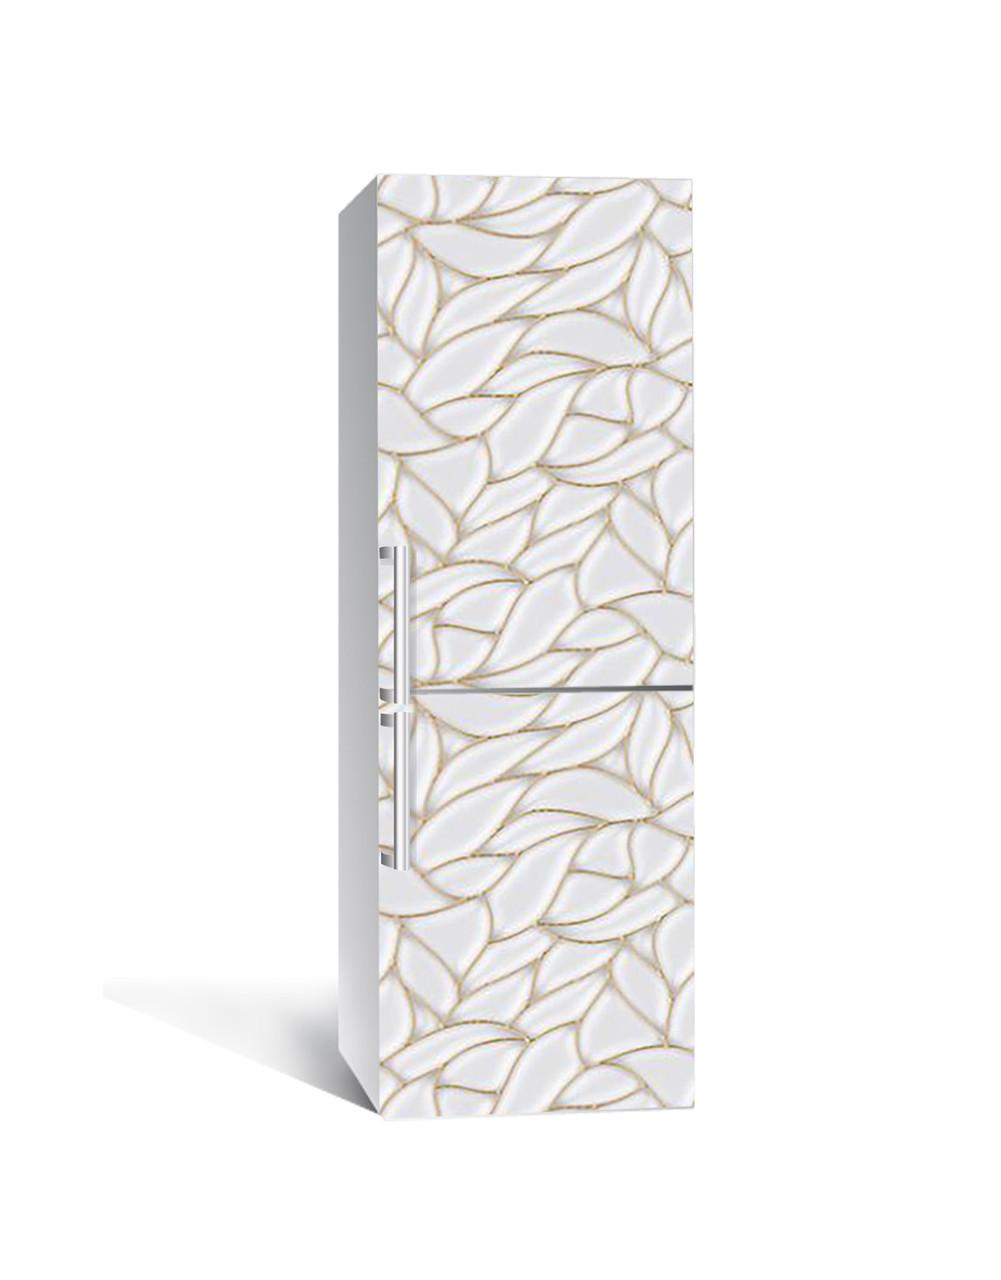 Вінілова 3Д наклейка на холодильник Мушлі Перламутр (плівка ПВХ фотодрук) 65*200см Текстура Сірий